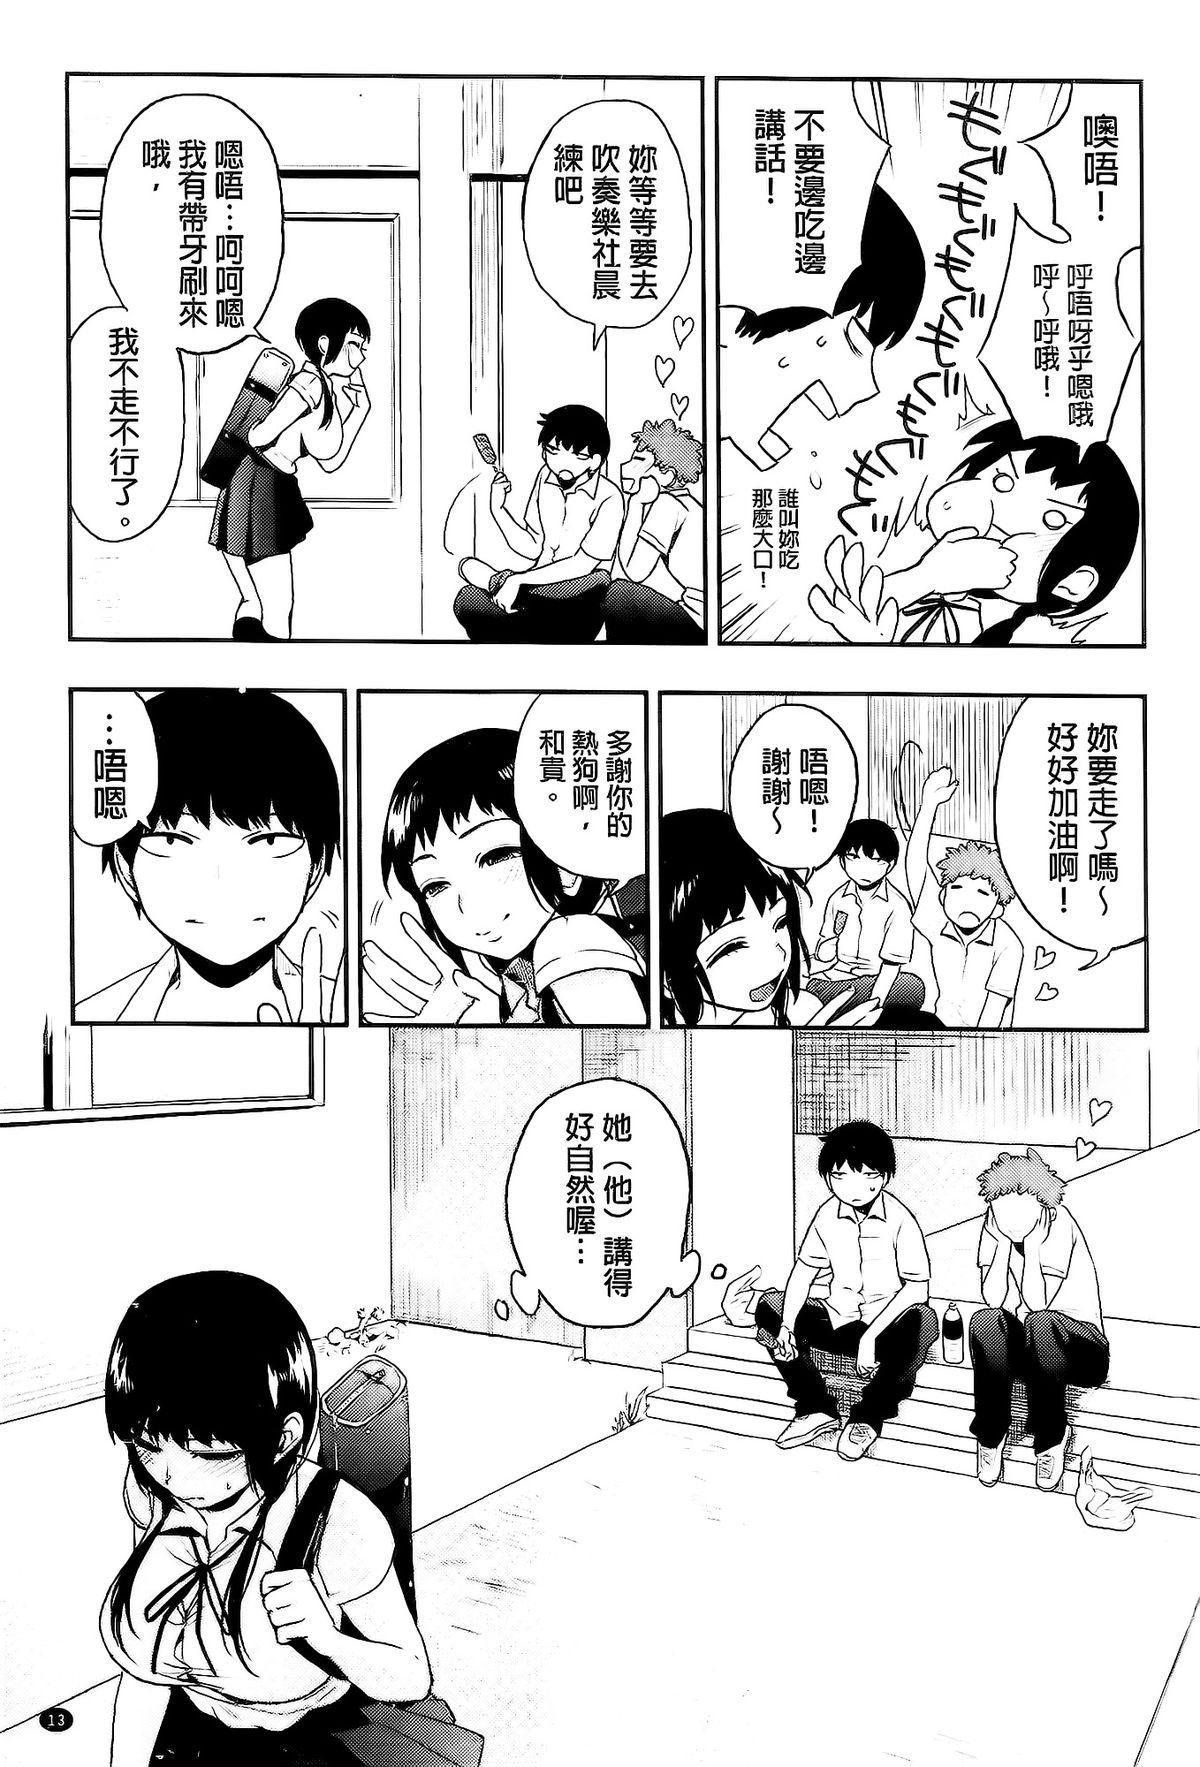 Boku Dake no Yuuyami 16